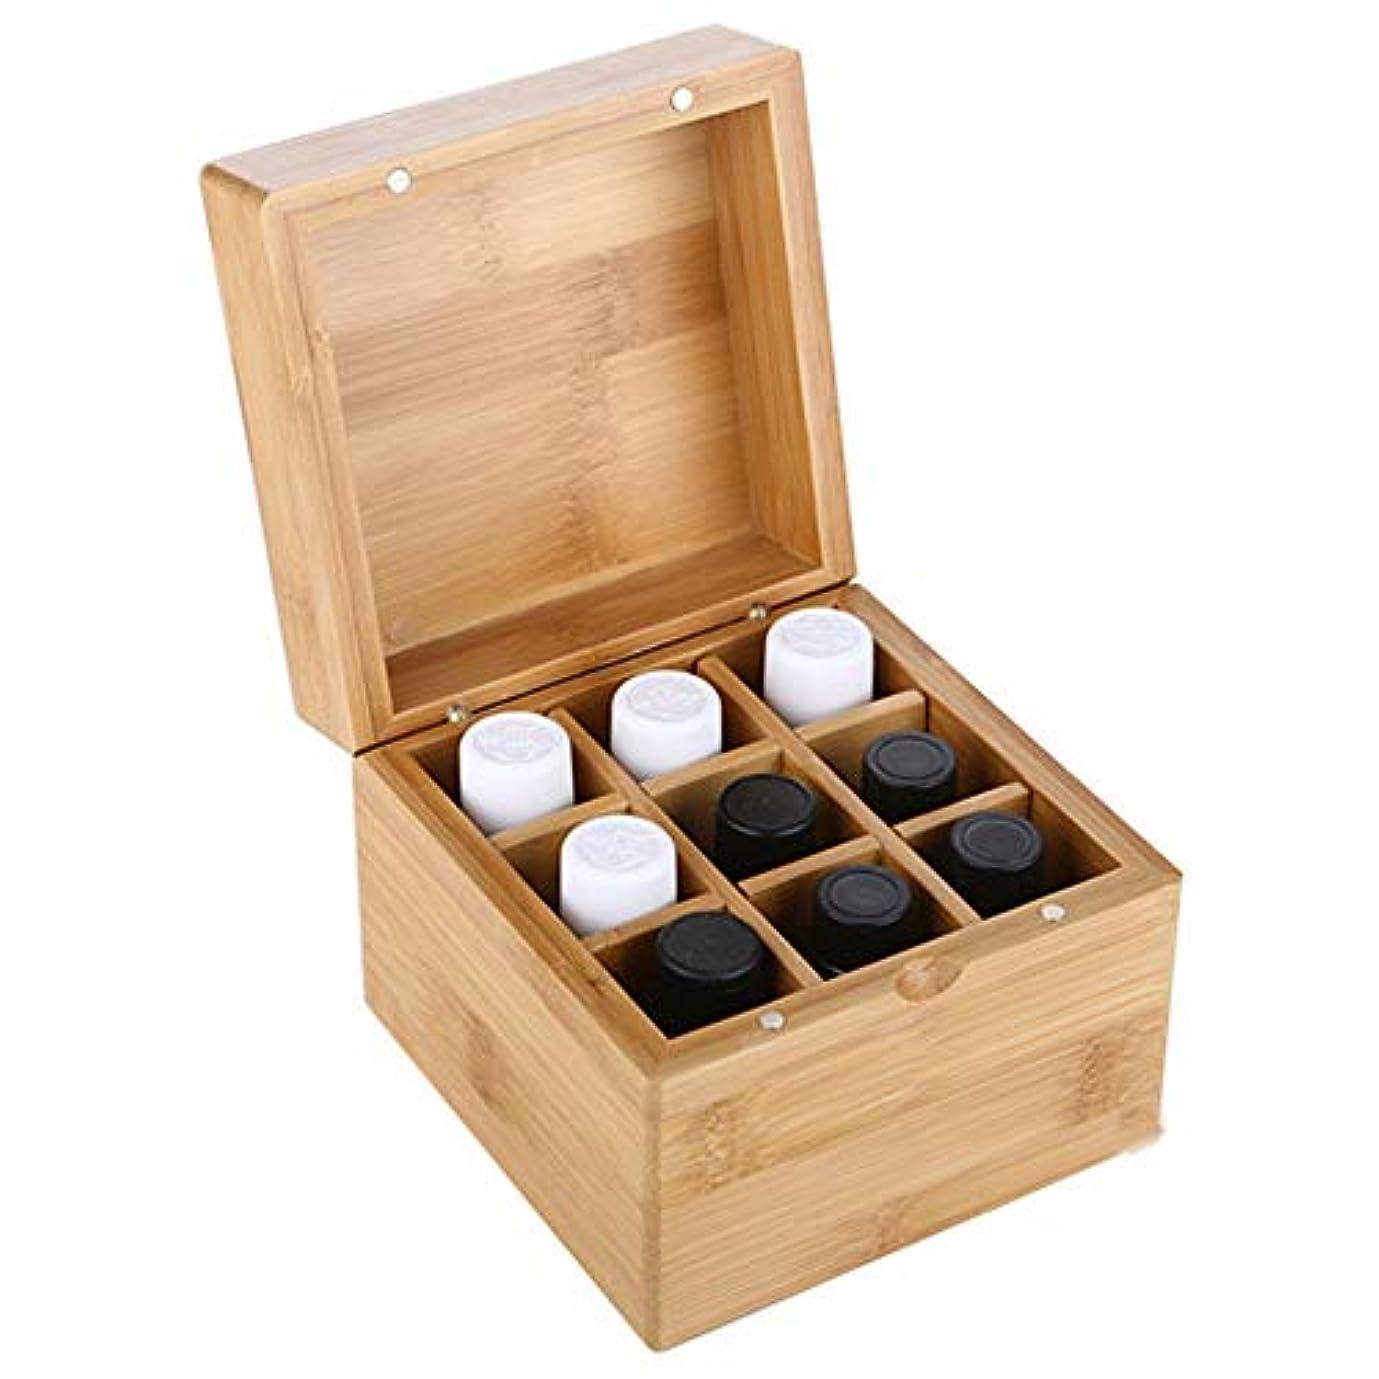 舗装する事実ダーリンエッセンシャルオイルボックス あなたの油のセキュリティスロット9オイルボックス木製収納ボックスの保護 アロマセラピー収納ボックス (色 : Natural, サイズ : 11.5X11.5X8.3CM)